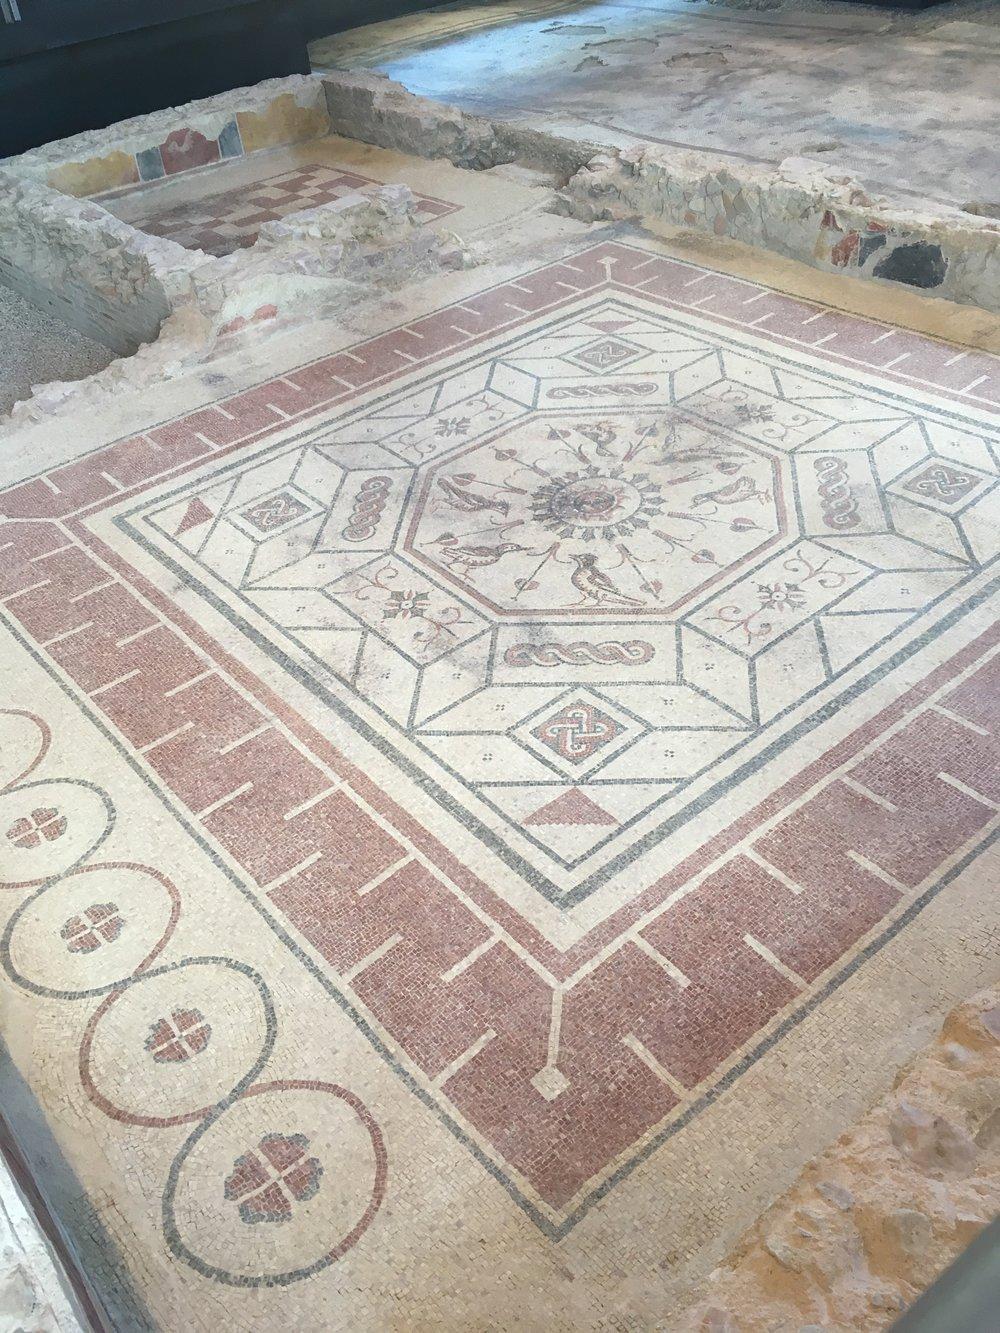 Villa dei Mosaici in Spello, Umbria